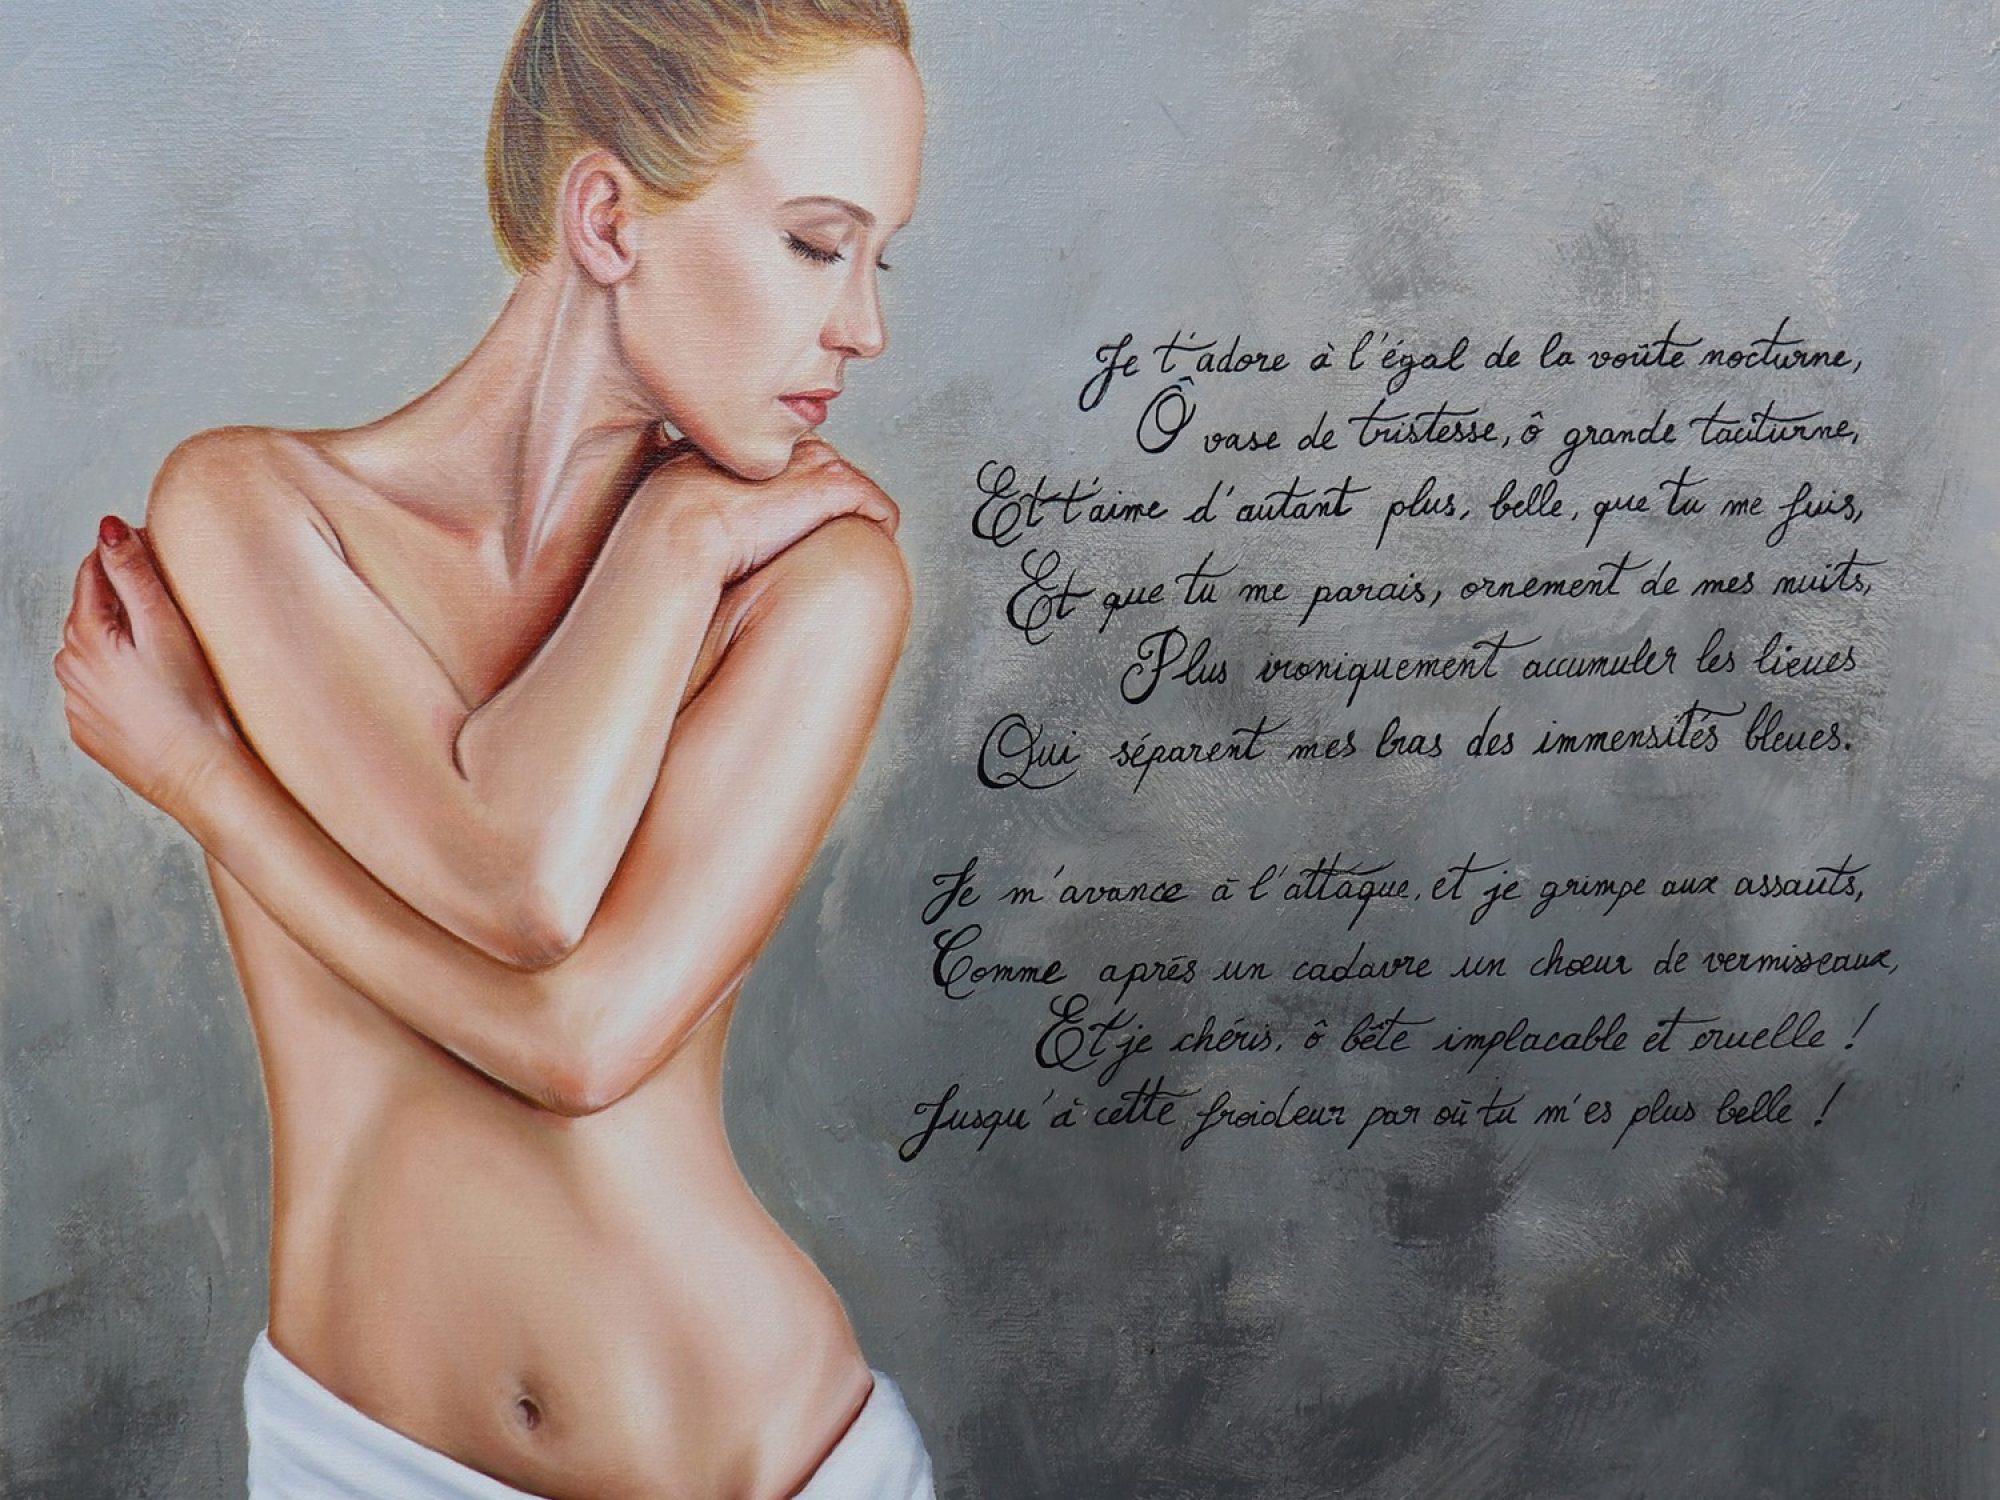 Je t'adore à l'égal de la voute nocturne, acrylique et huile sur toile de lin, 50x50 cm, 5 avril 2021, 2500 px